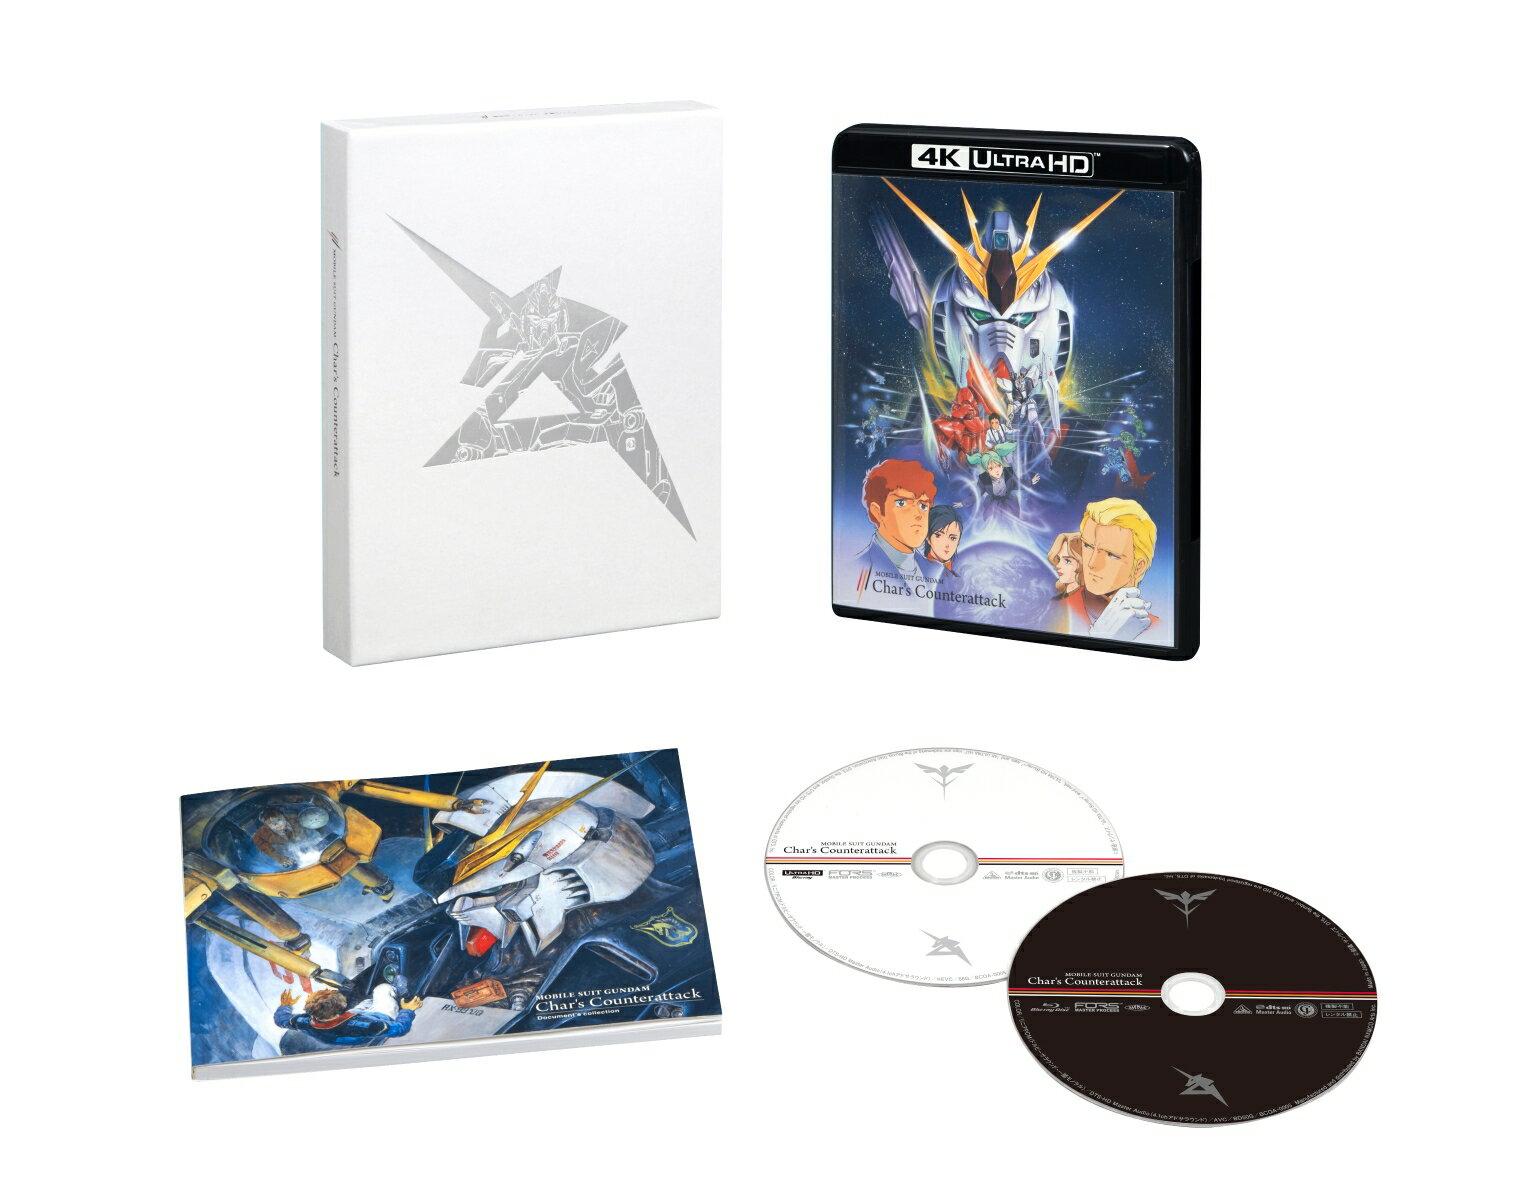 機動戦士ガンダム 逆襲のシャア 4KリマスターBOX(4K ULTRA HD Blu-ray&Blu-ray Disc 2枚組)(特装限定版)【4K ULTRA HD】